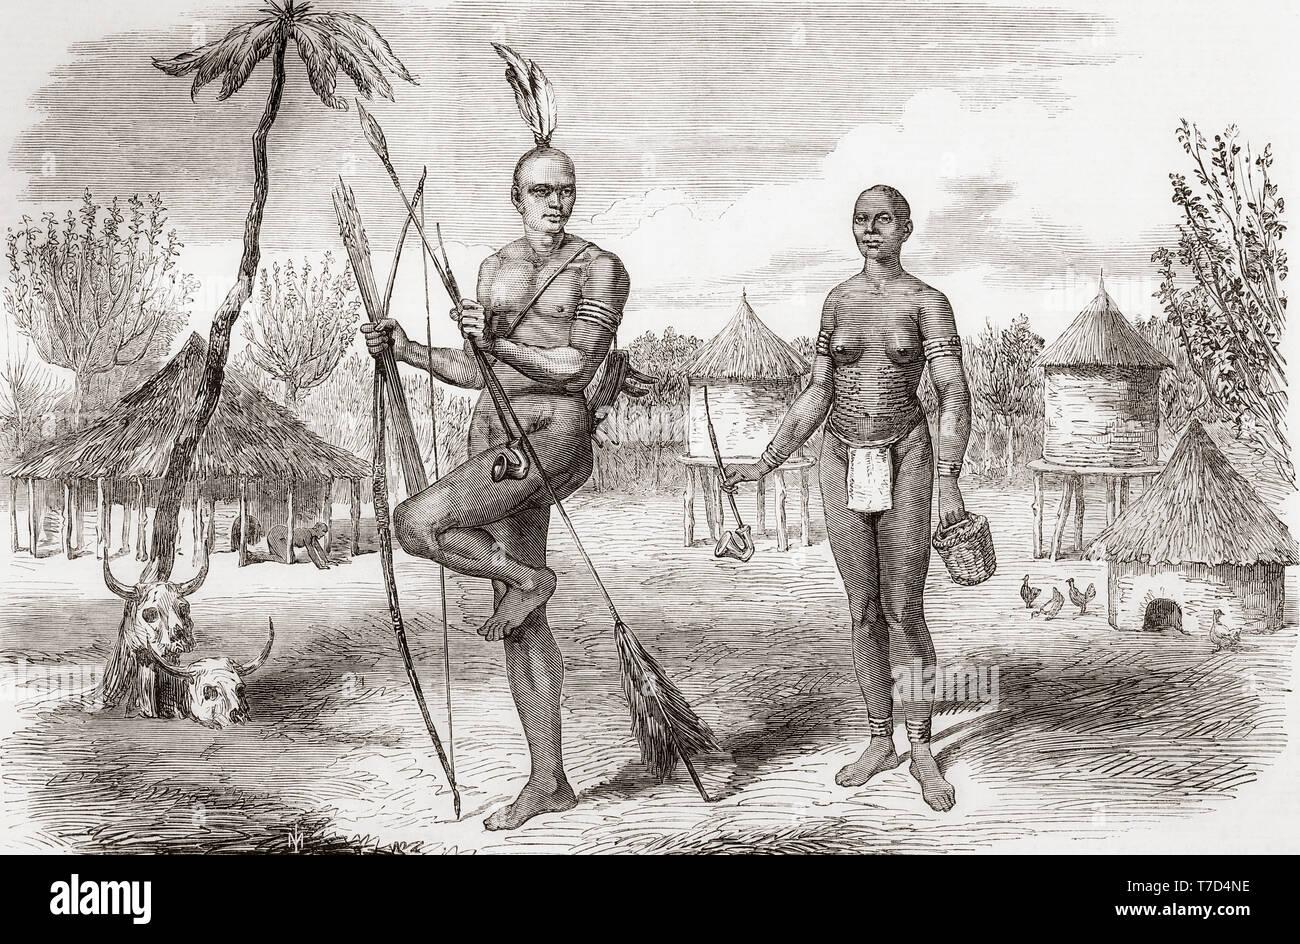 Homestead der Eingeborenen von Gondokoro, Sudan, Zentralafrika. Von der Illustrated London News, veröffentlicht 1865. Stockbild